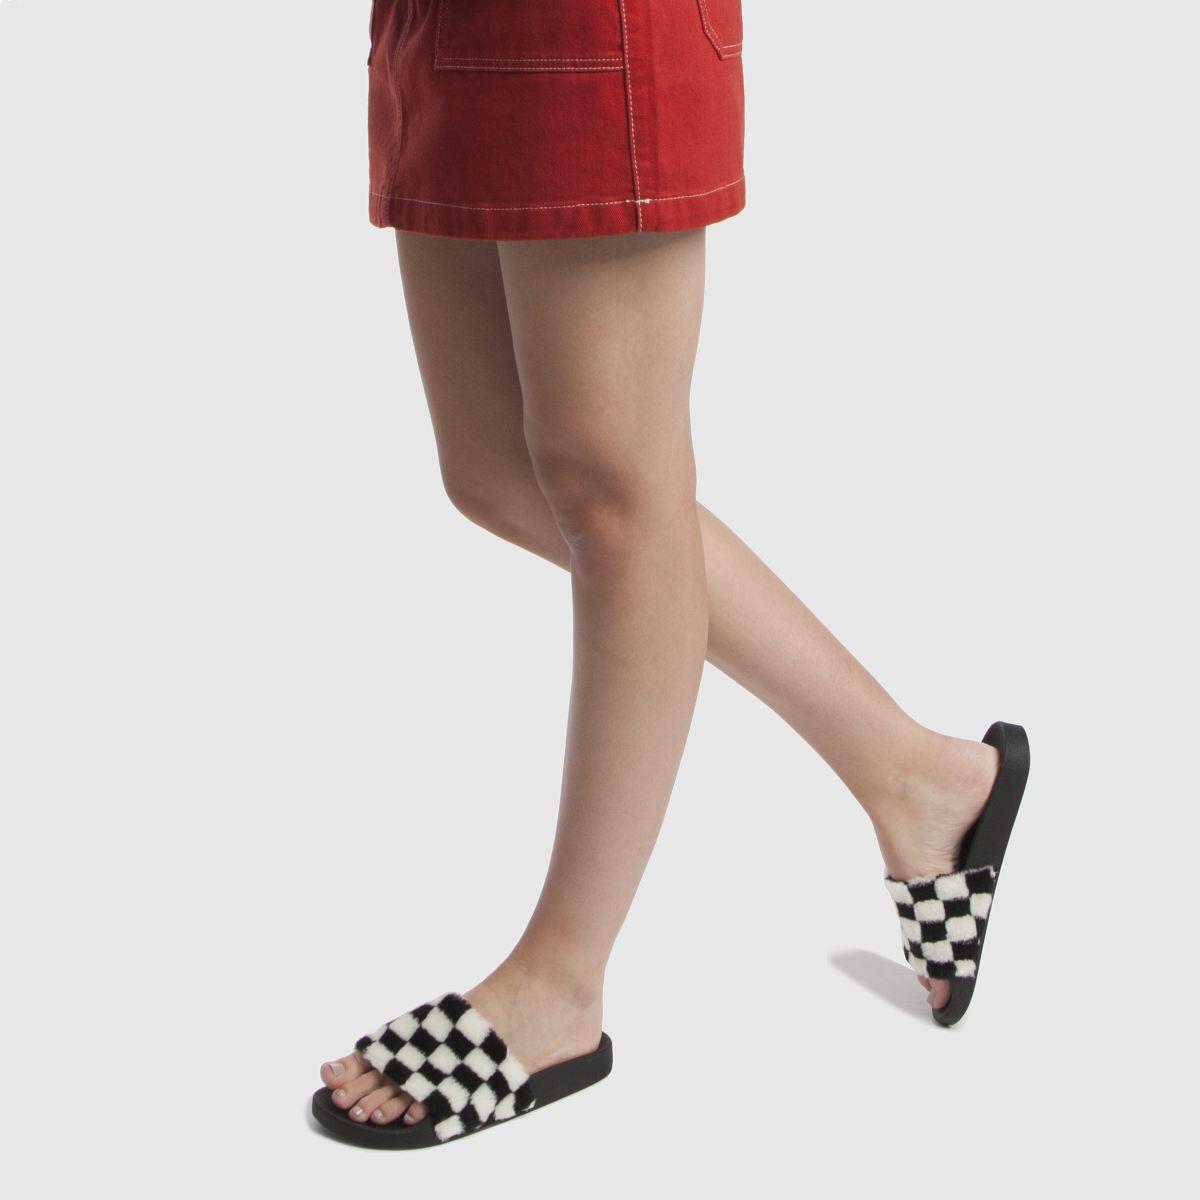 Damen Schwarz-weiß schuh Fuzzy Slider Sandalen beliebte   schuh Gute Qualität beliebte Sandalen Schuhe 90cf72